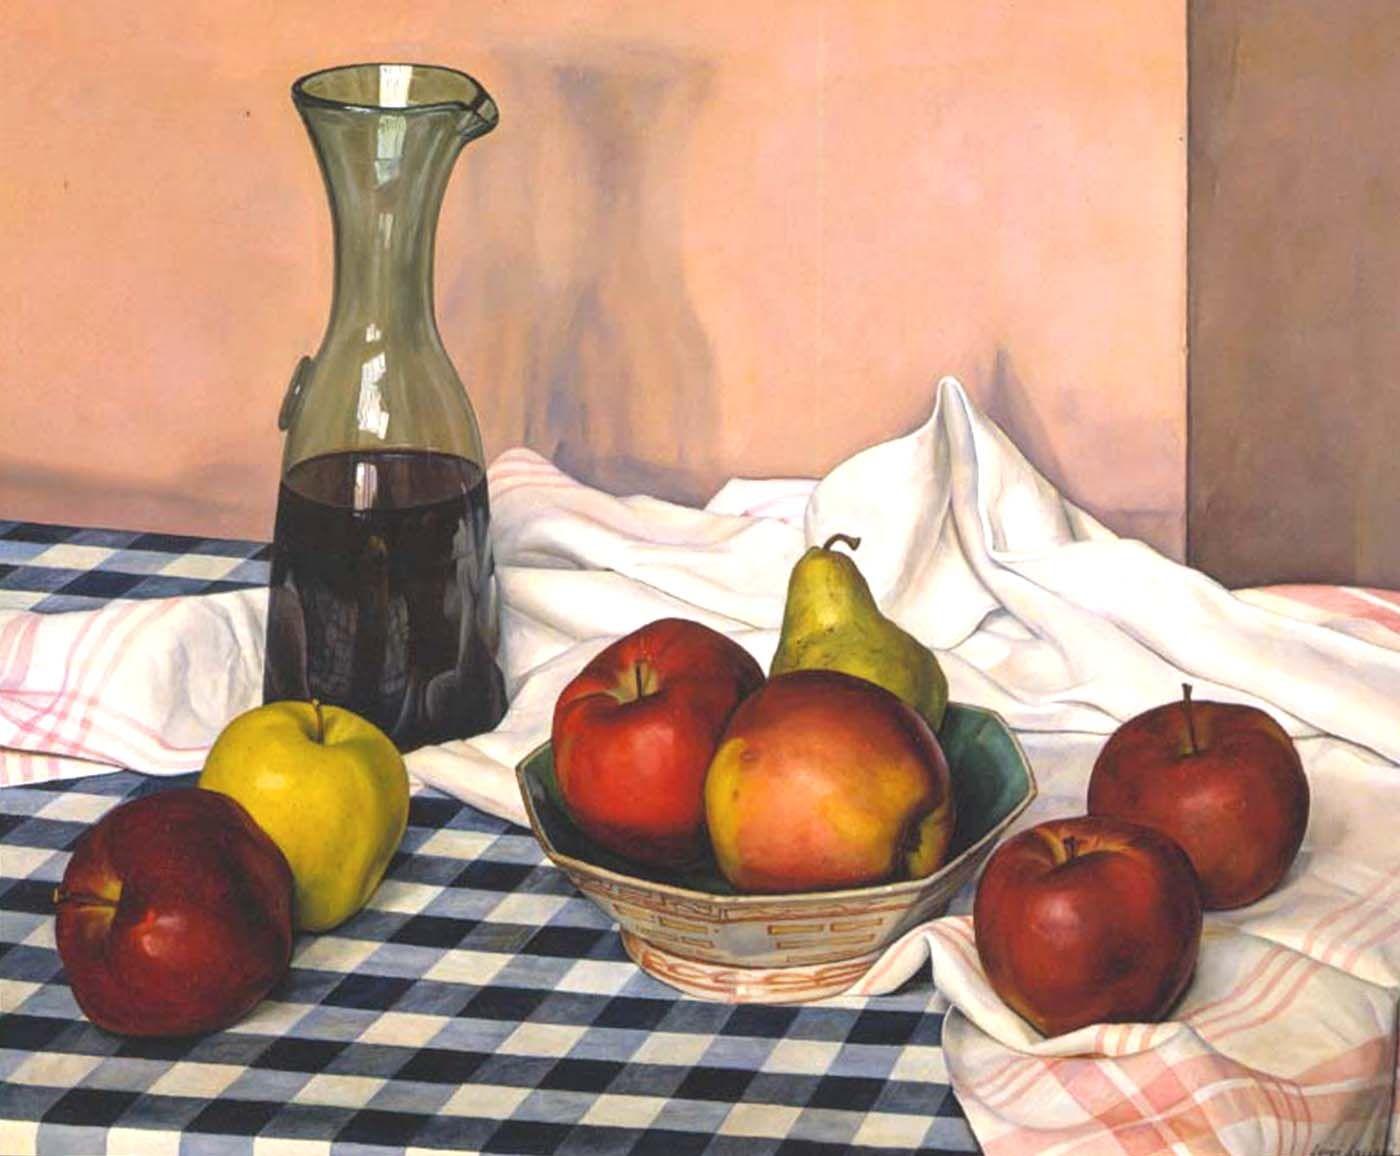 Luigi Lucioni (1900-1988), White with Variations, 1961